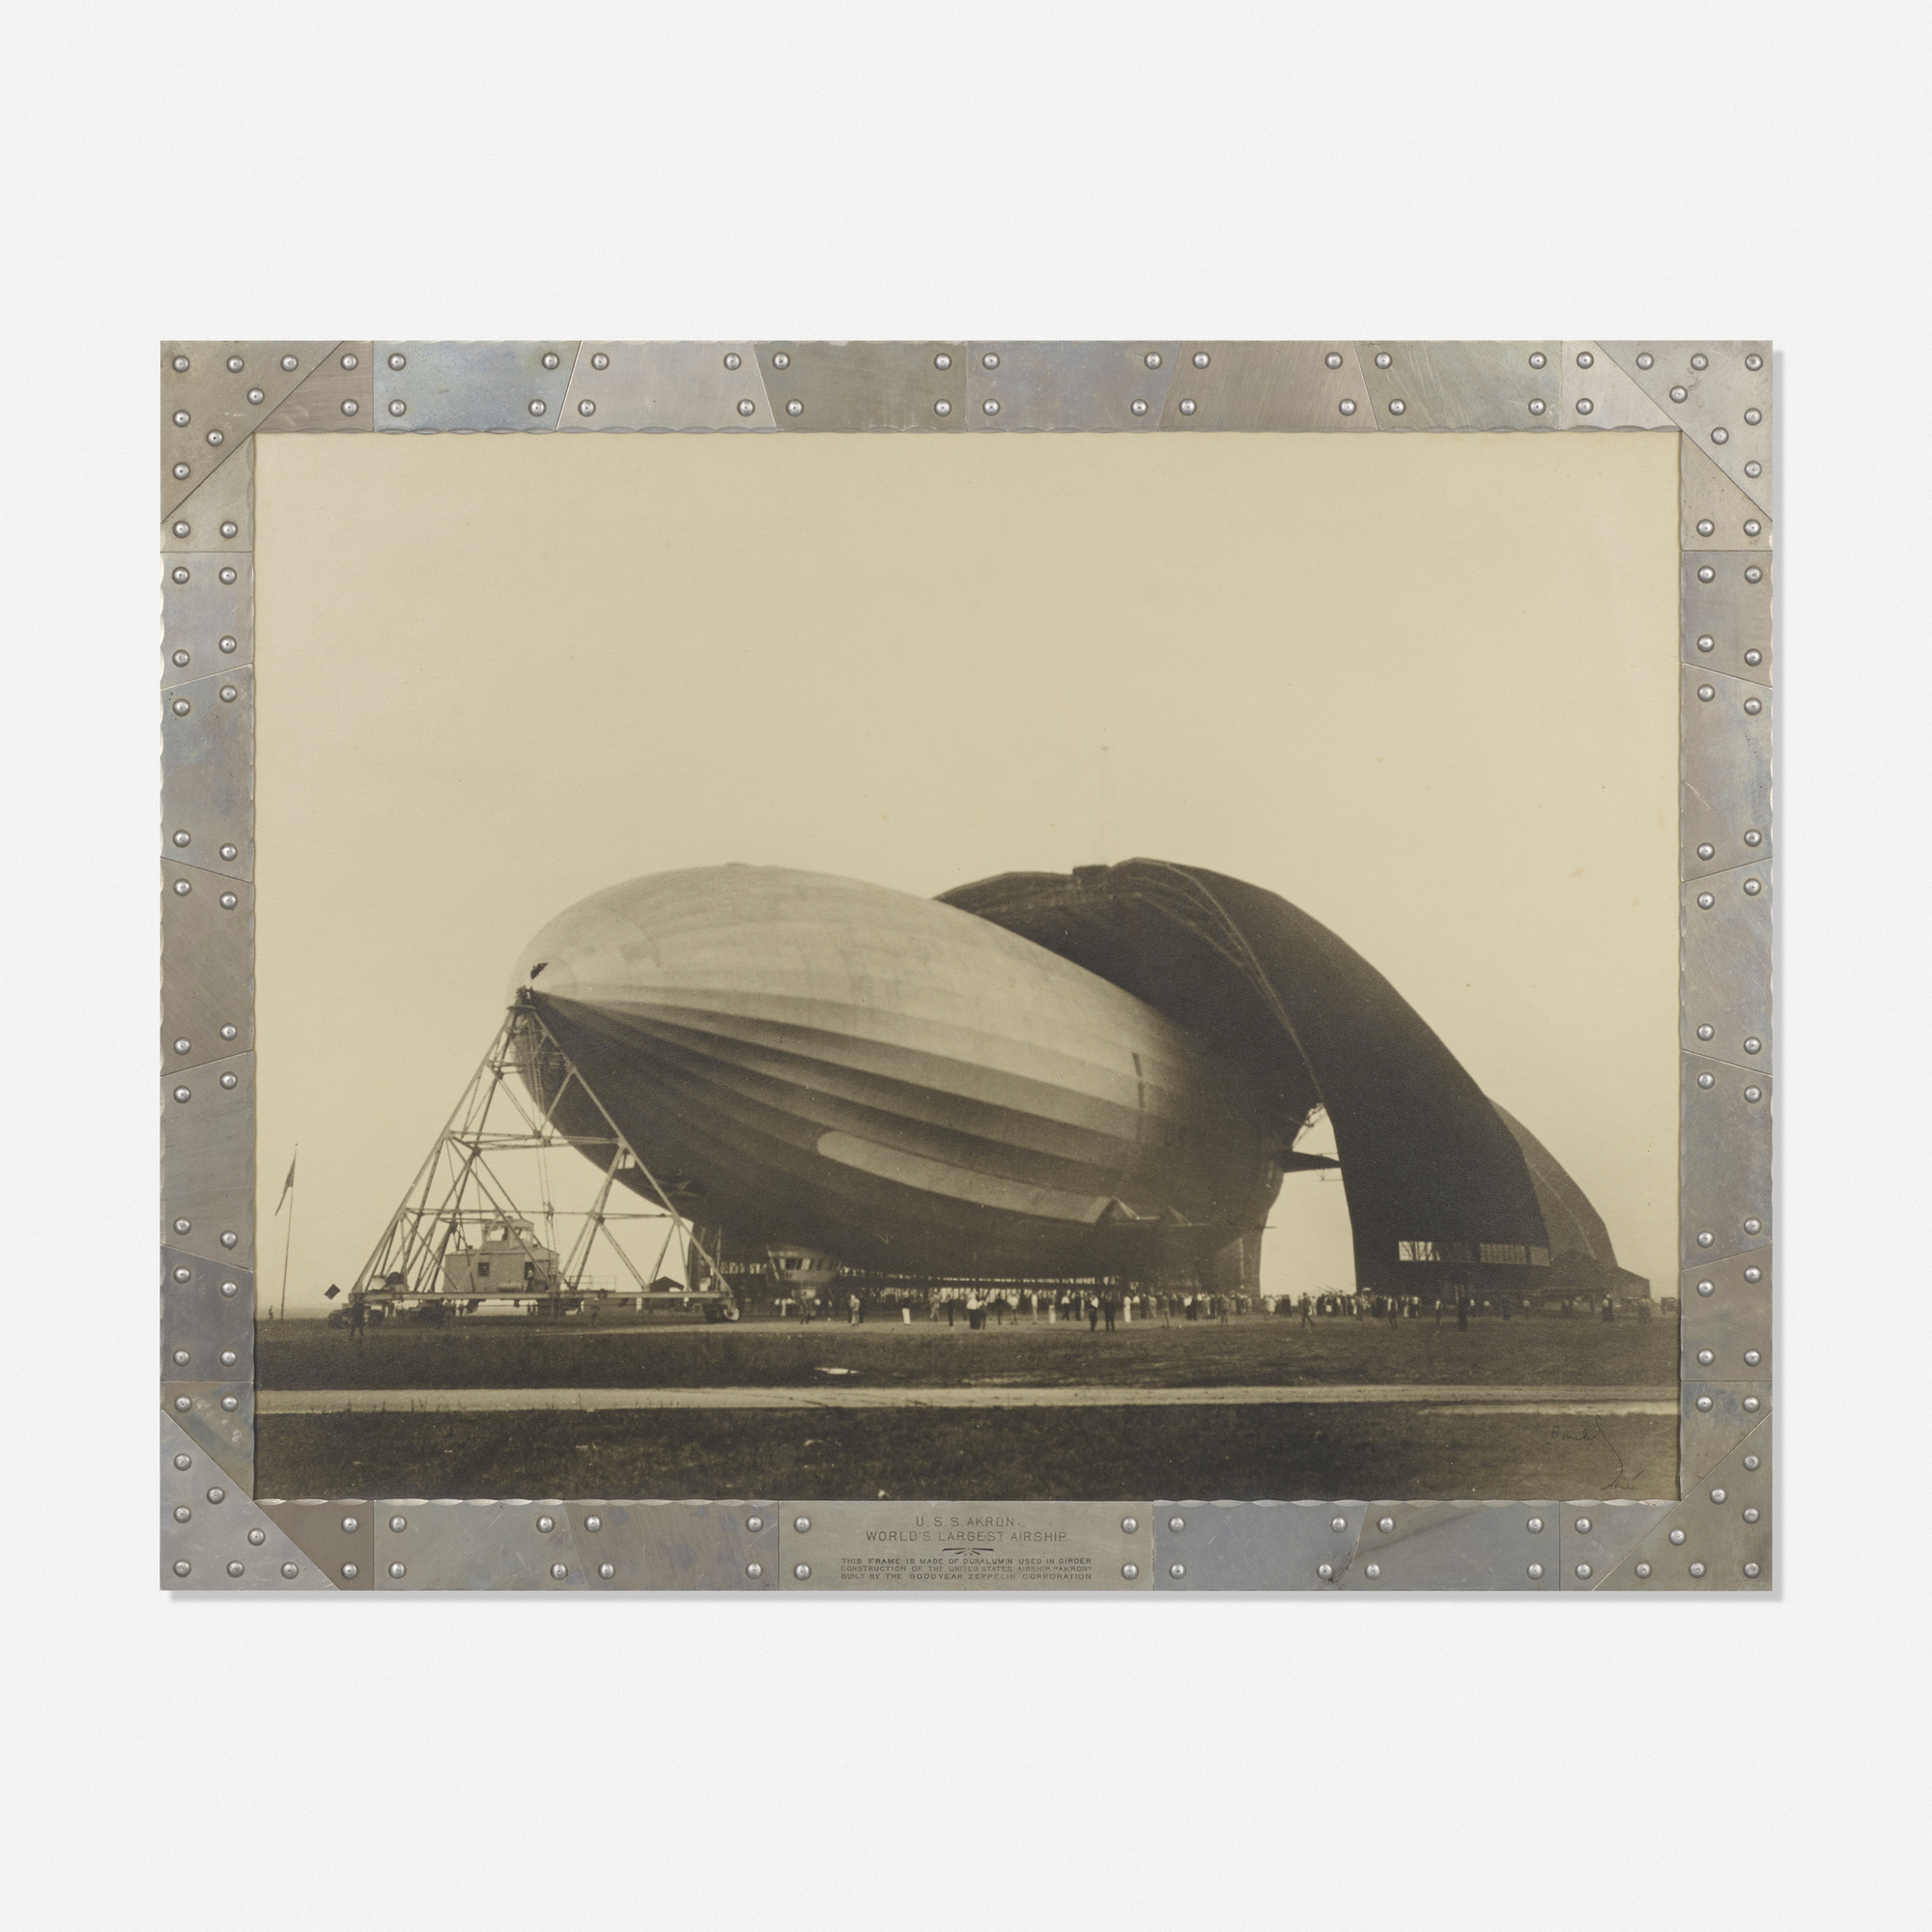 268: Margaret Bourke-White / Goodyear Zeppelin (1 of 1)